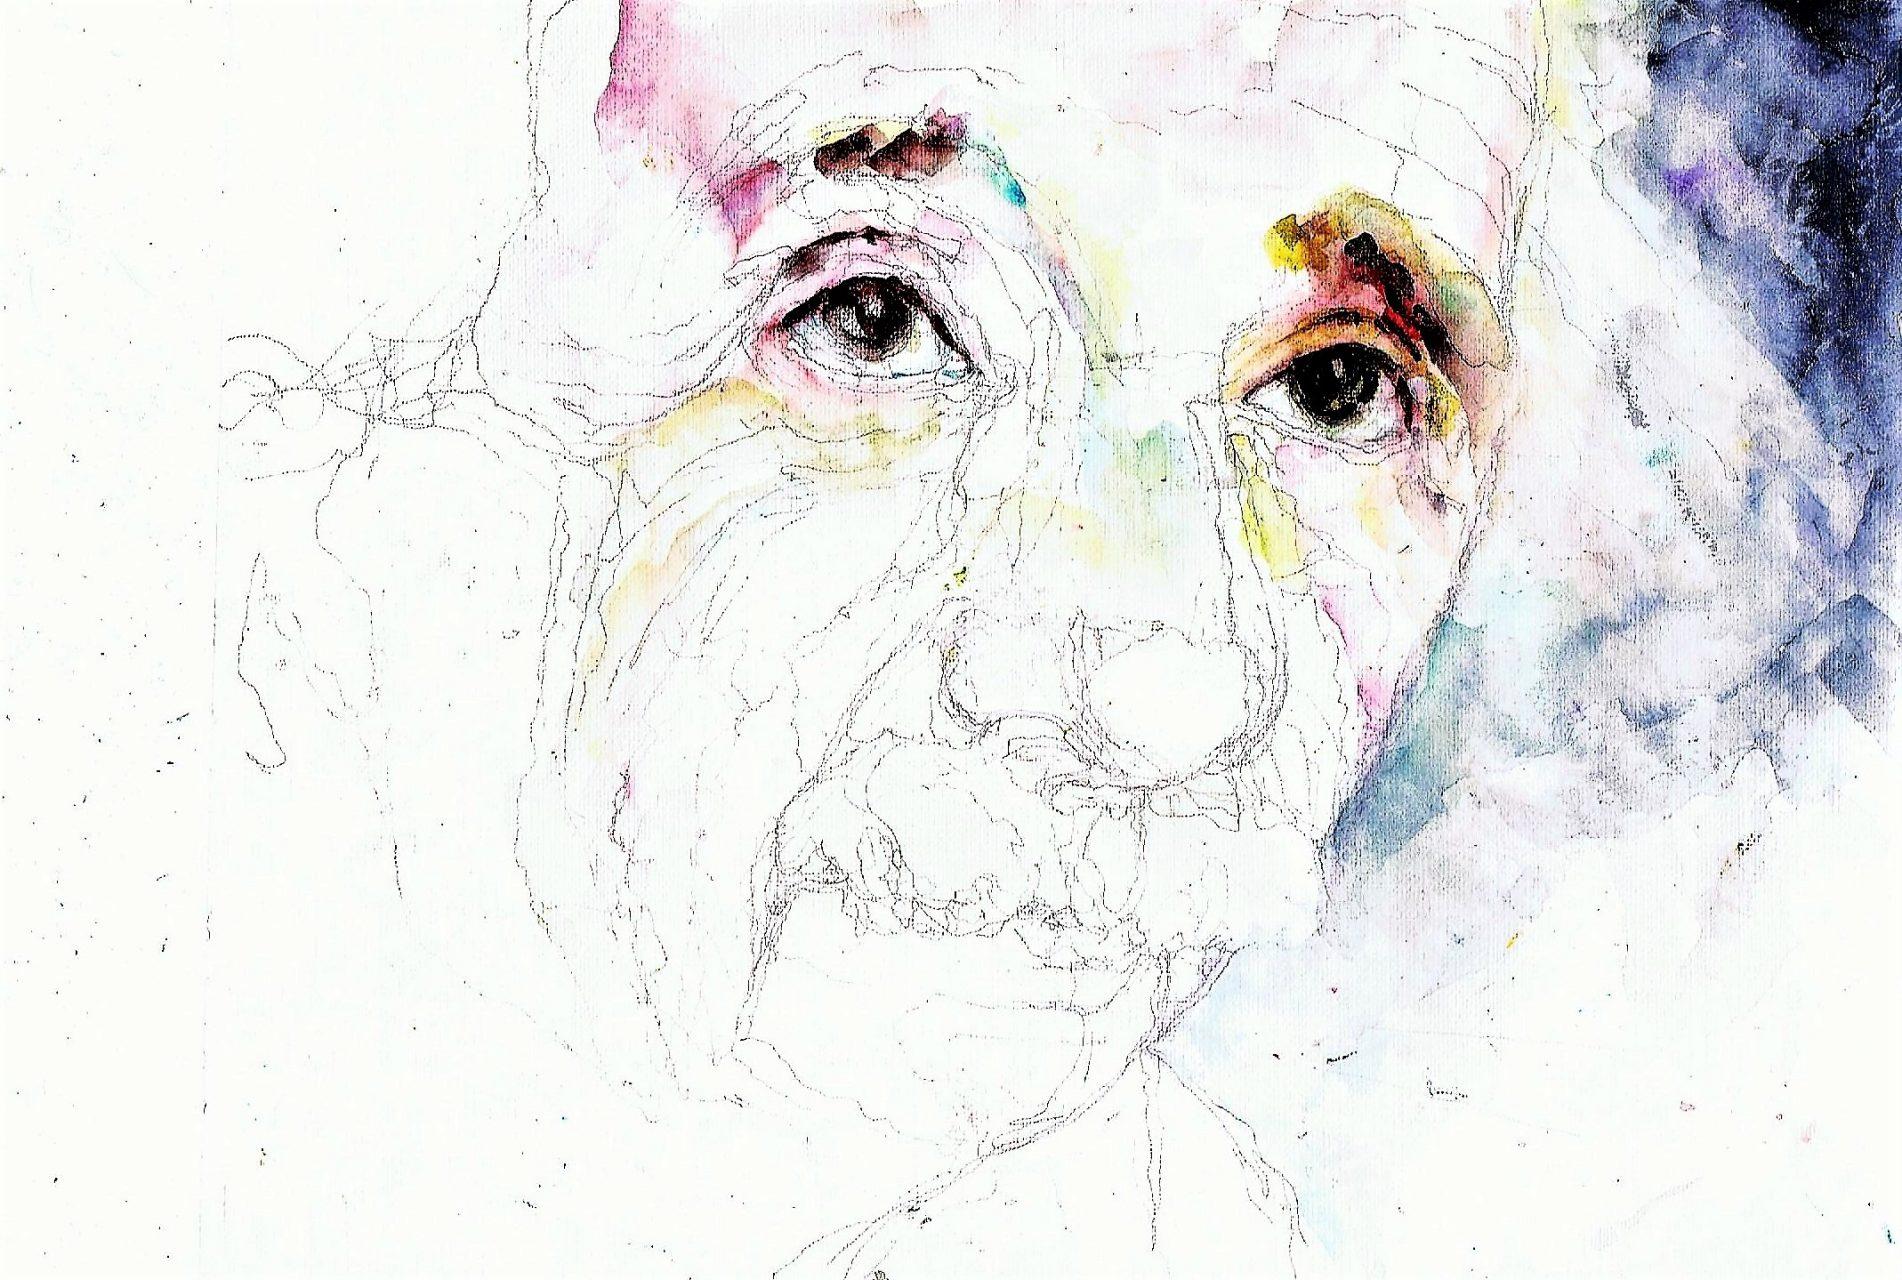 365 dagen een portret 72 Albert Einstein Aquarel 19c25